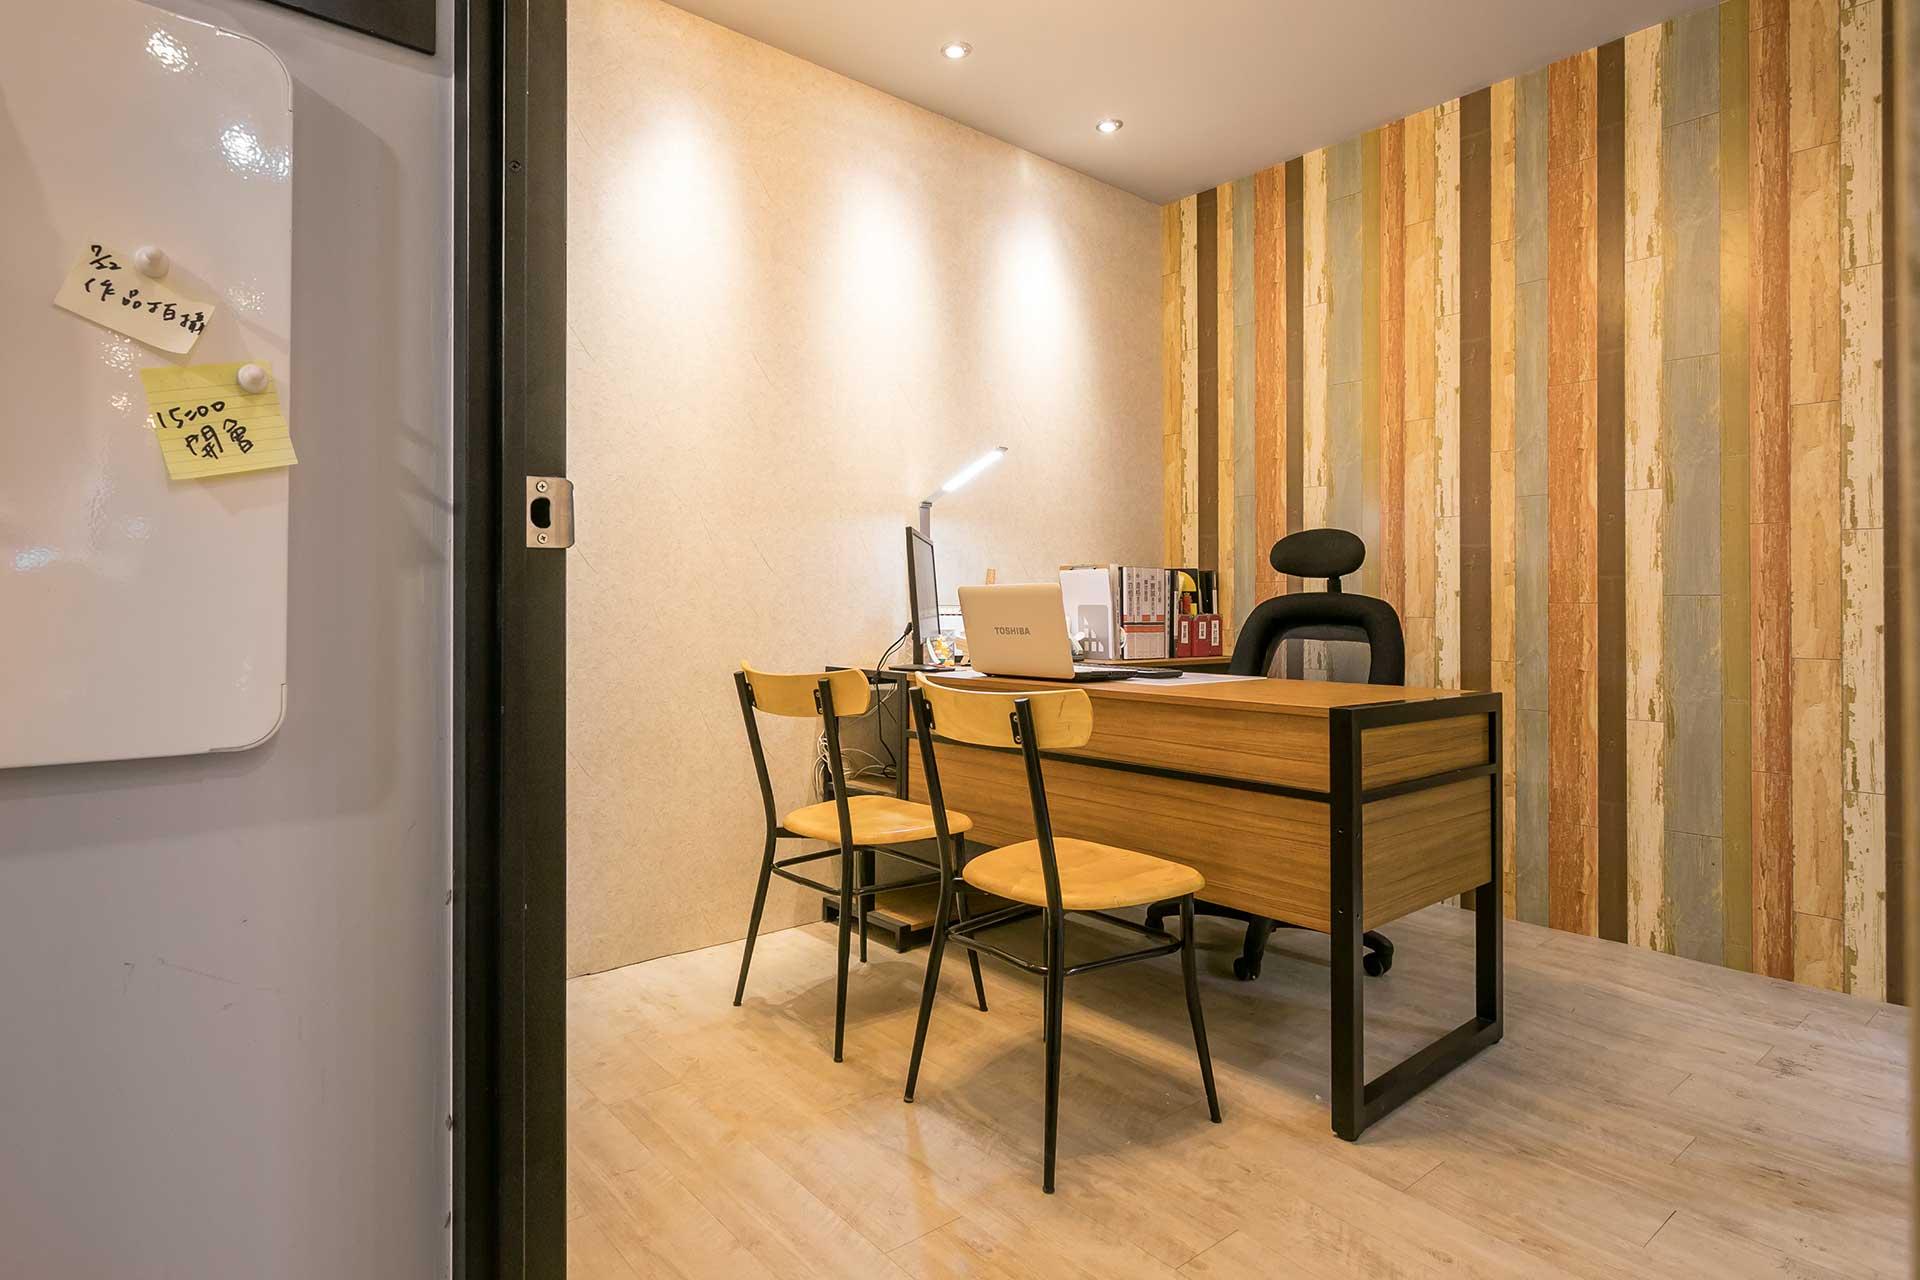 辦公桌以鐵件造型變化製作而成,因玖恆辦公室本身即有展示作用,因此辦公桌也採不同造型,方便與客戶說明不同的材質、板材花紋以及工法